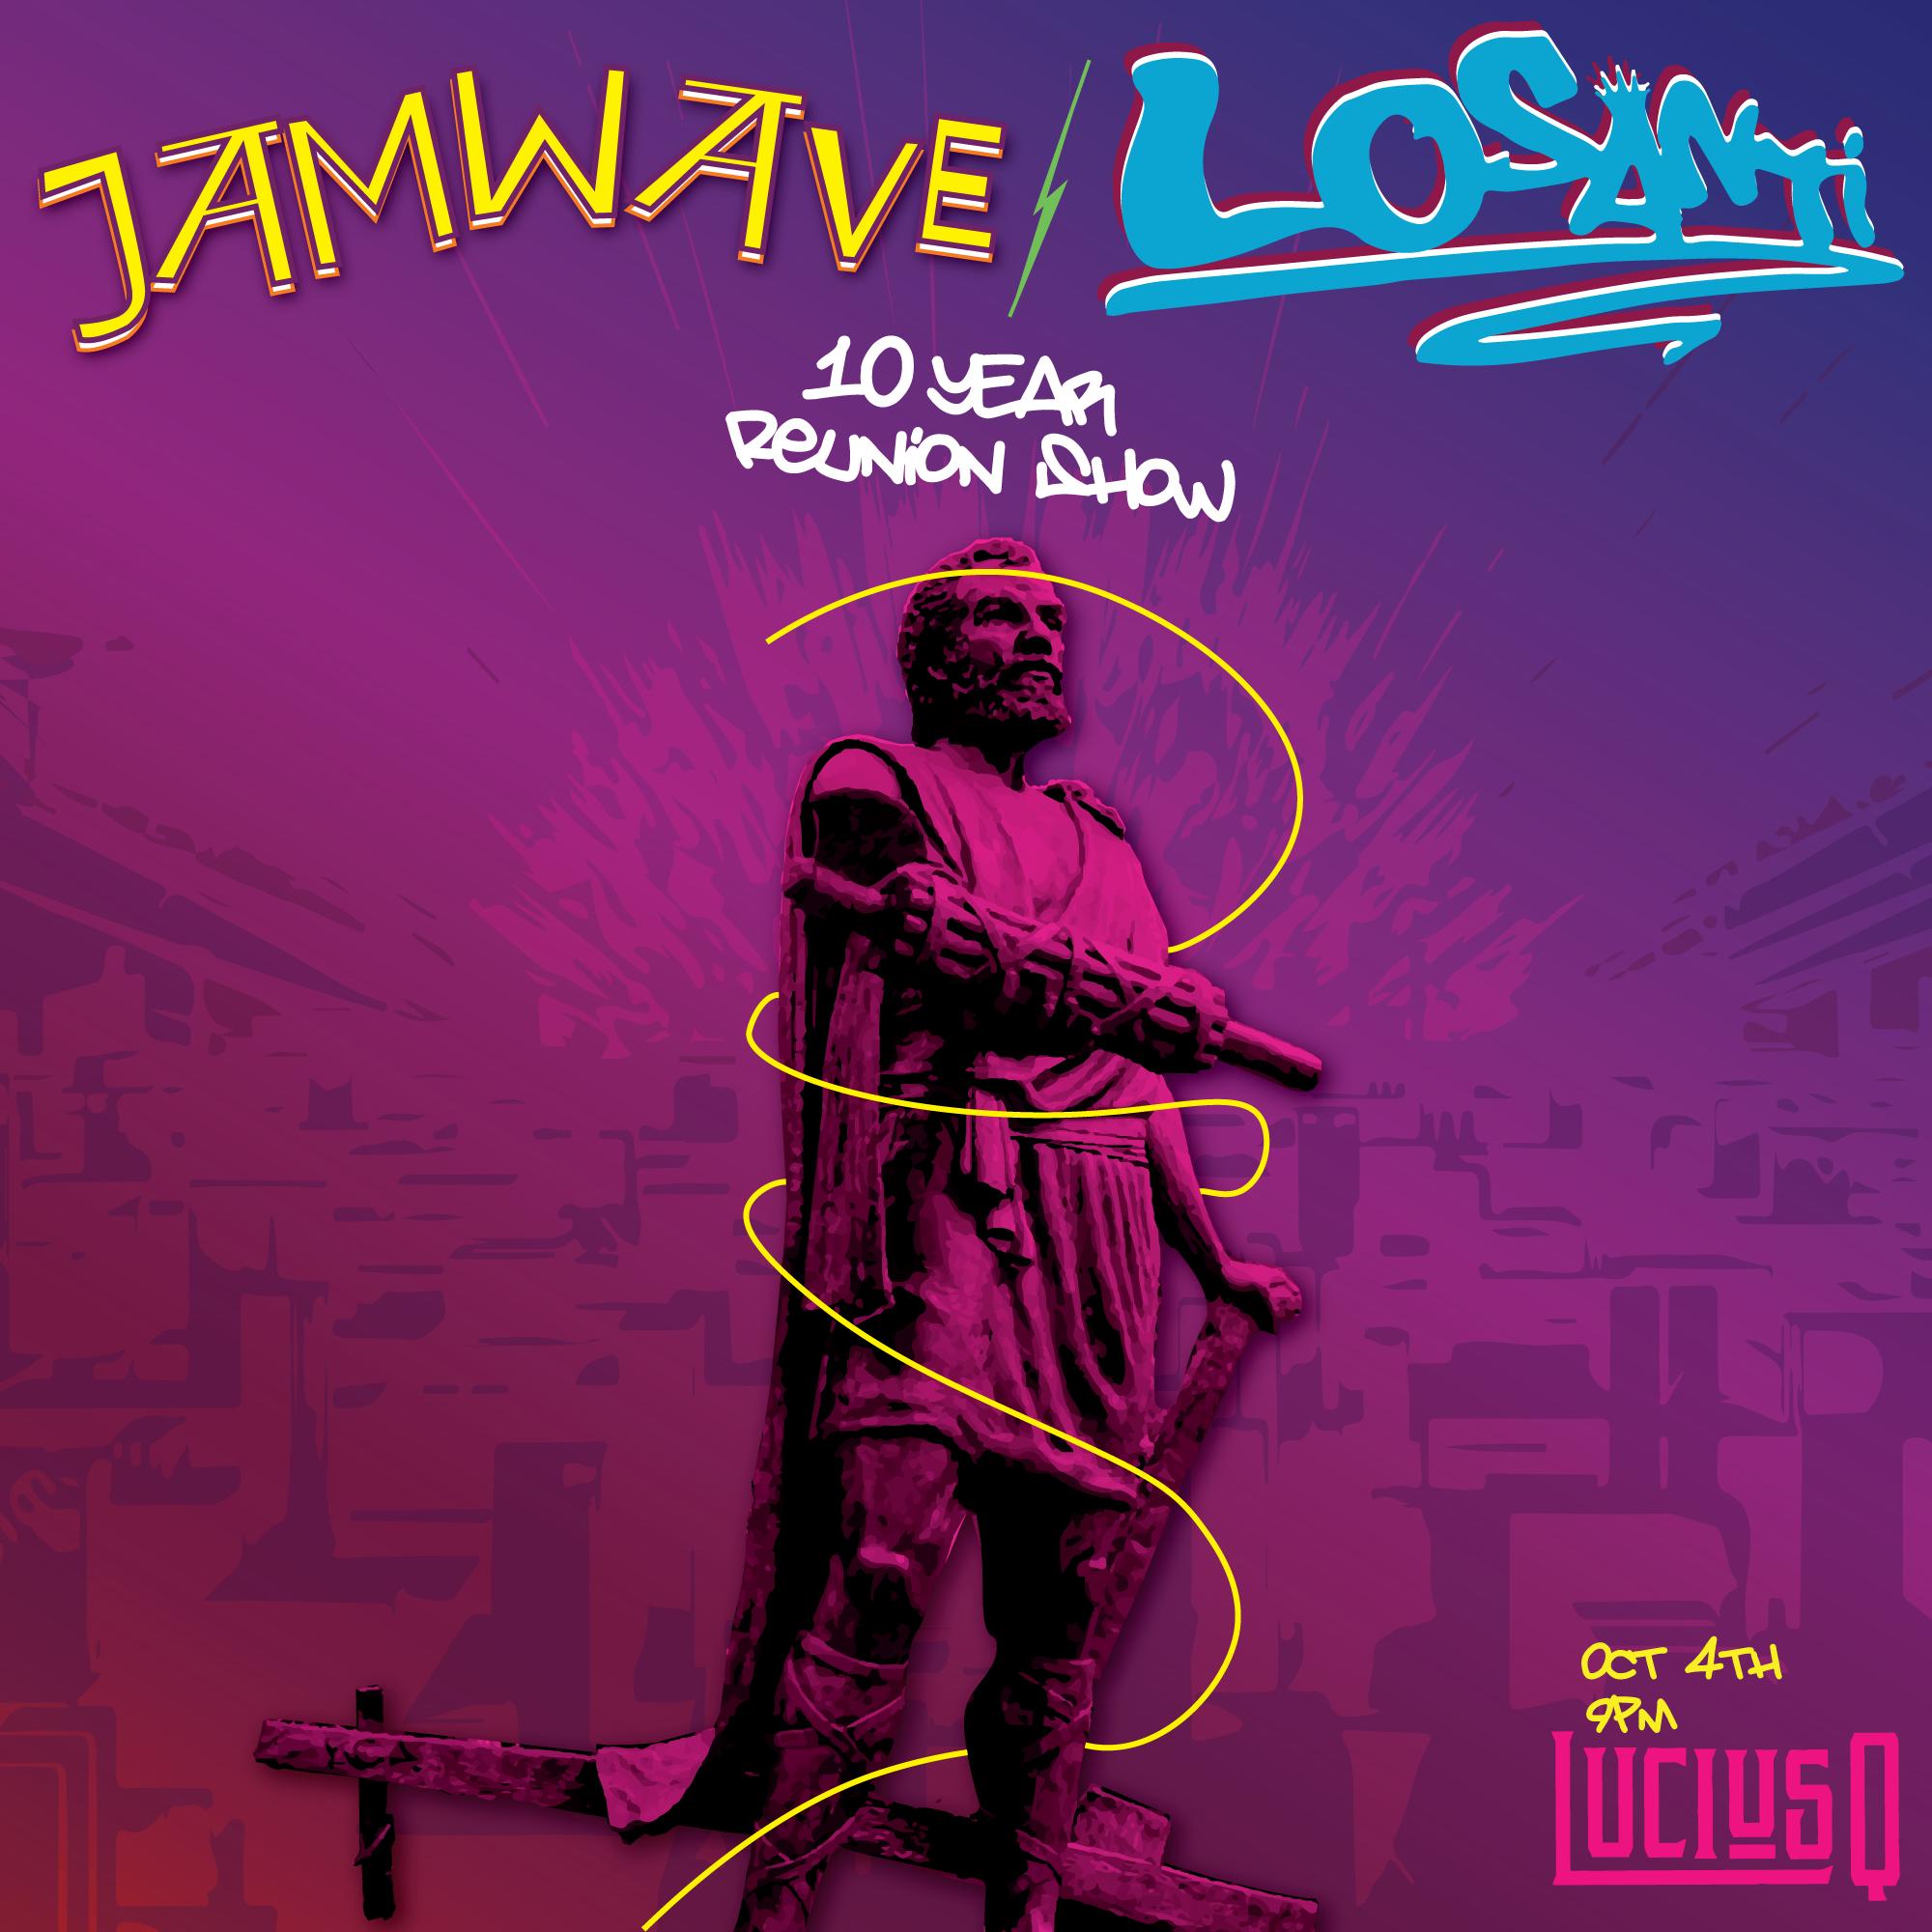 FiR-Creative---LuciusQ---Losanti-Jamwave.png